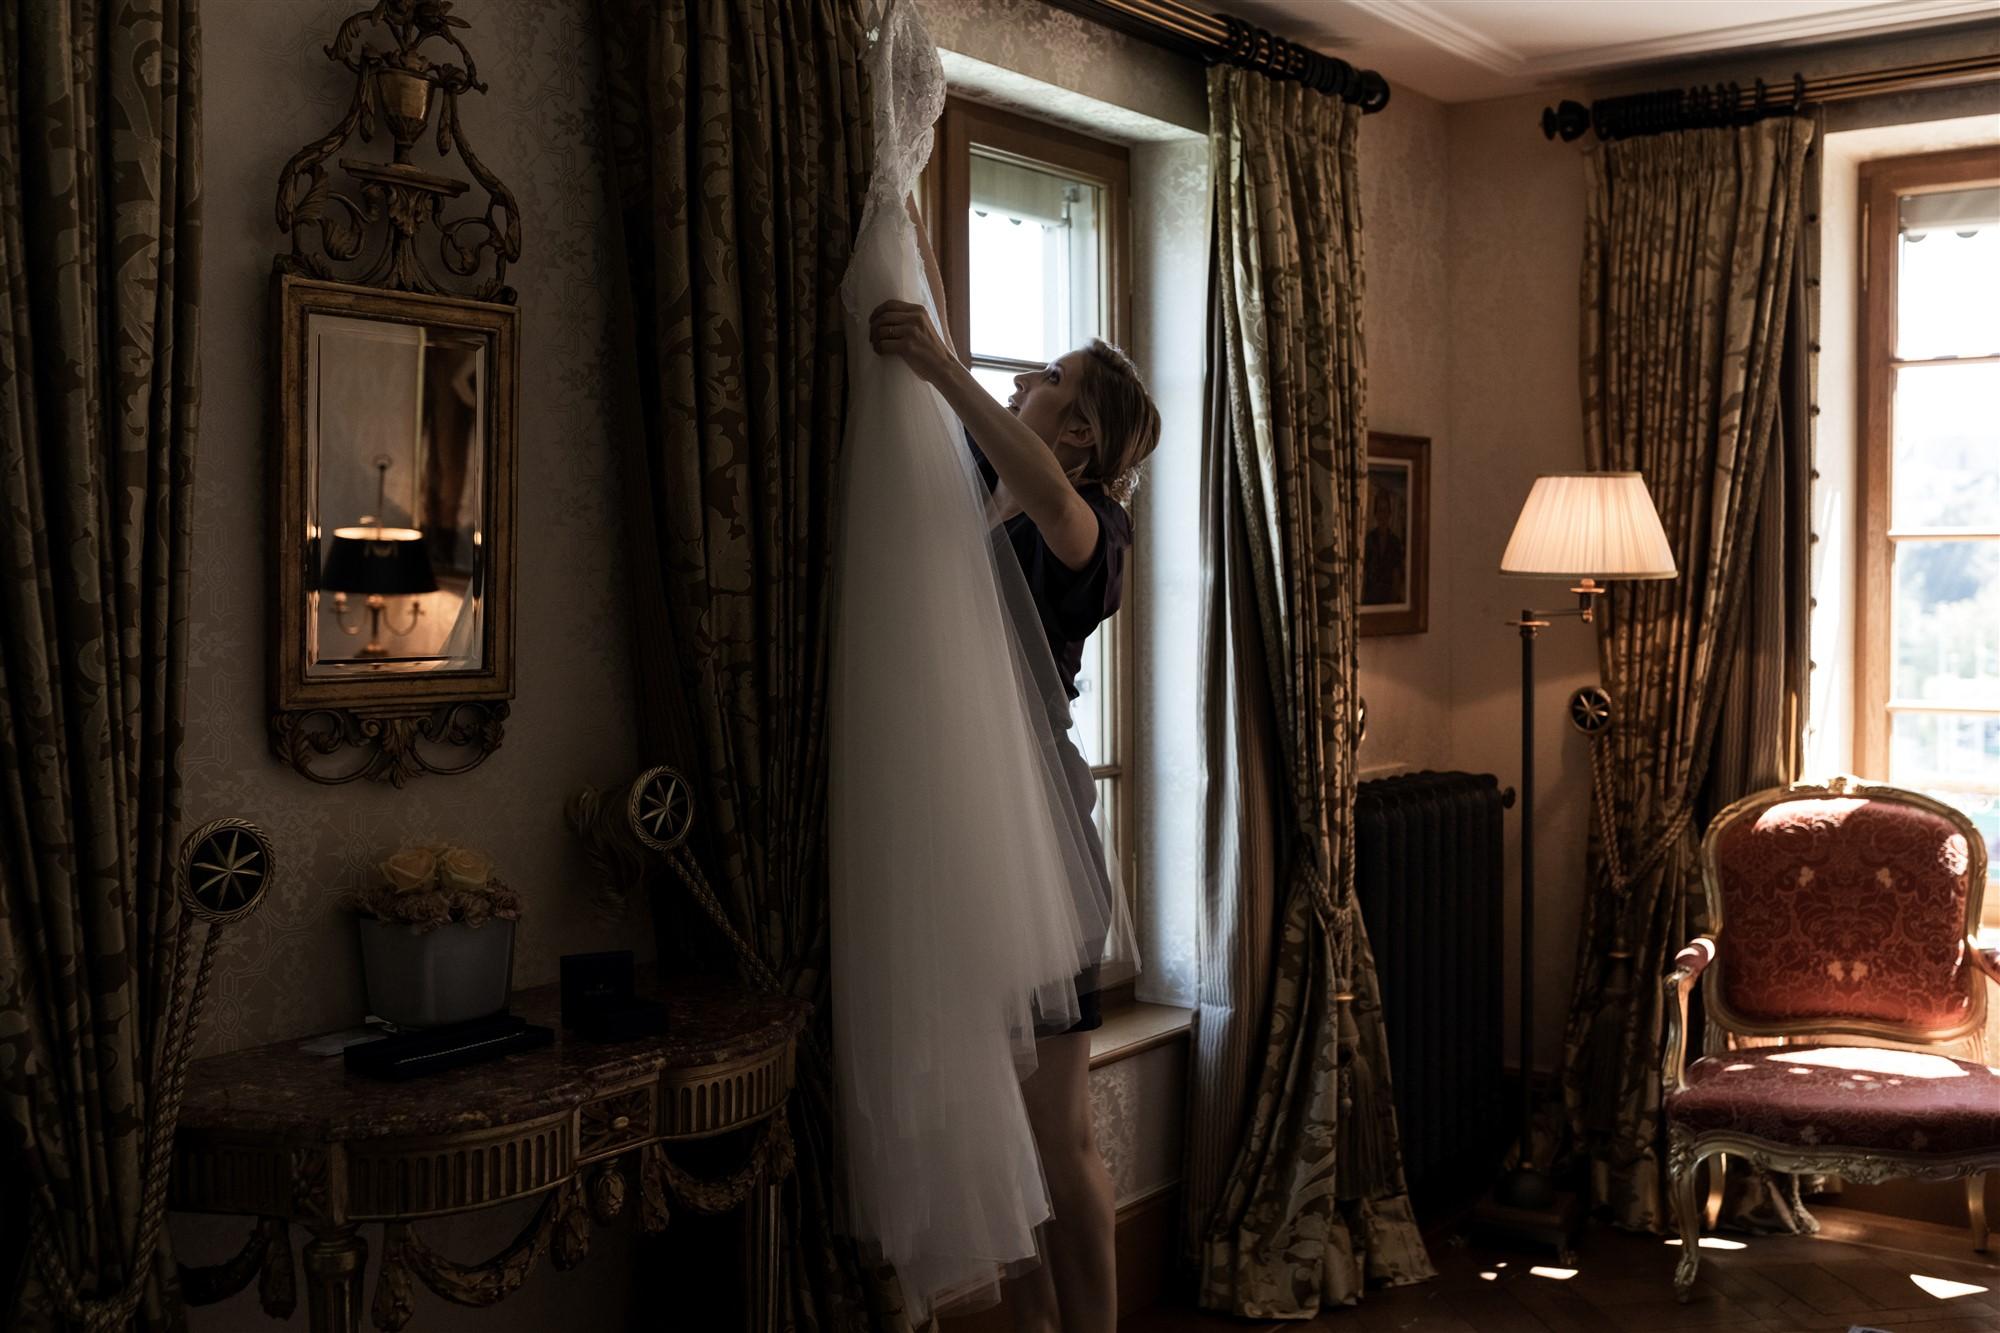 Hochzeitsfotograf Basel Hochzeit im Grand Hotel Les Trois Rois - Das Hochzeitskleid - Getting Ready